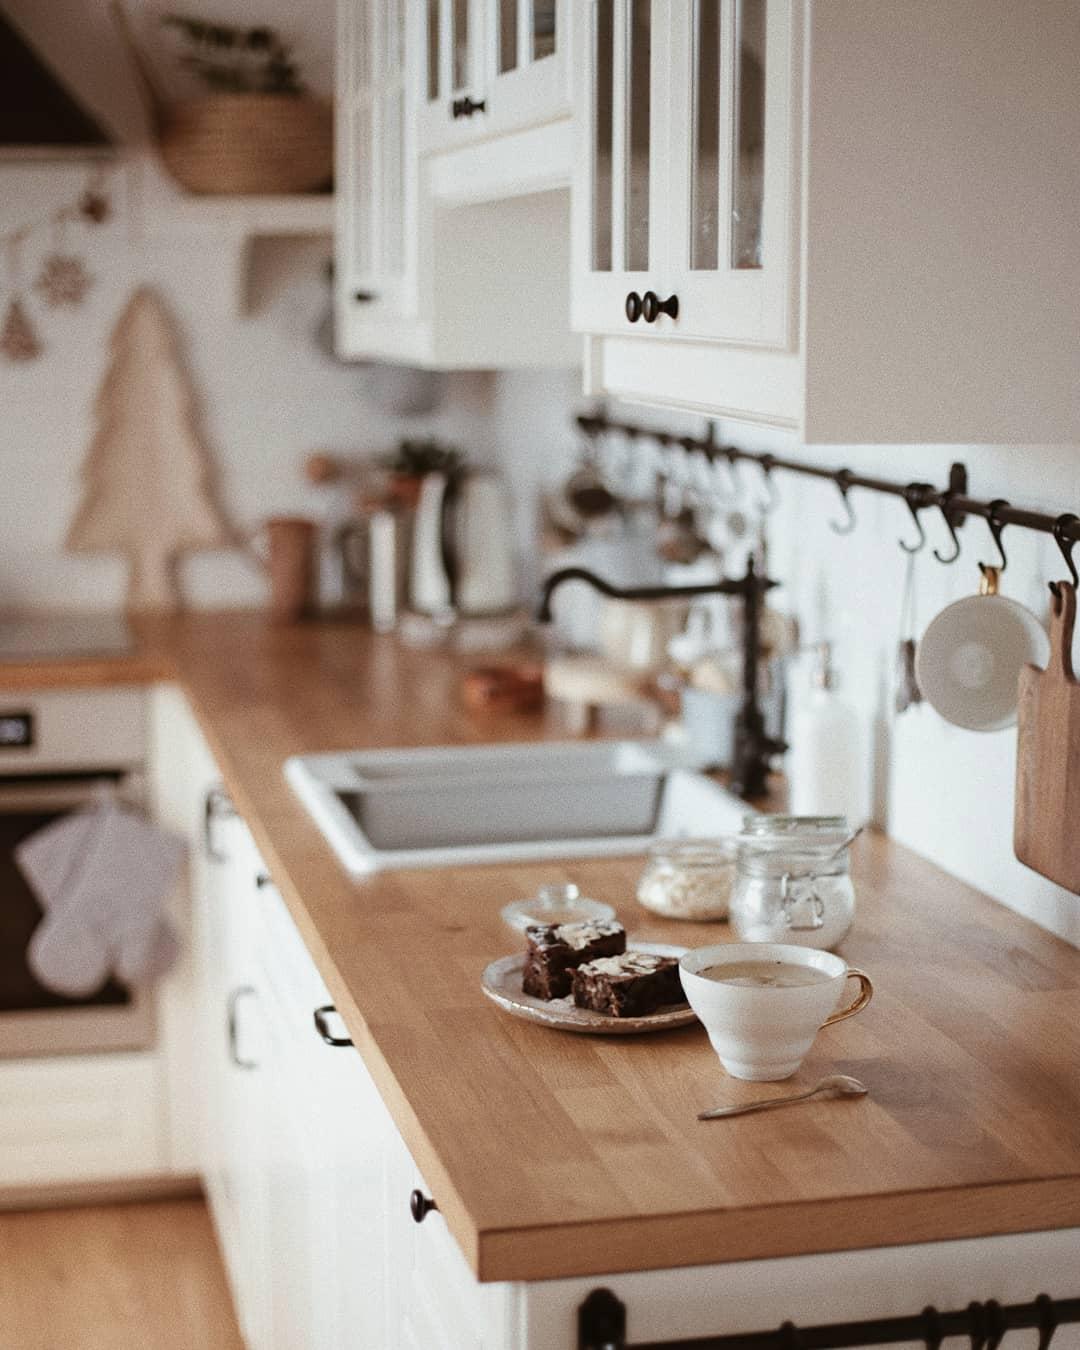 Jedan neodoljivo šarmantan stan s Instagrama u koji se lako zaljubiti…